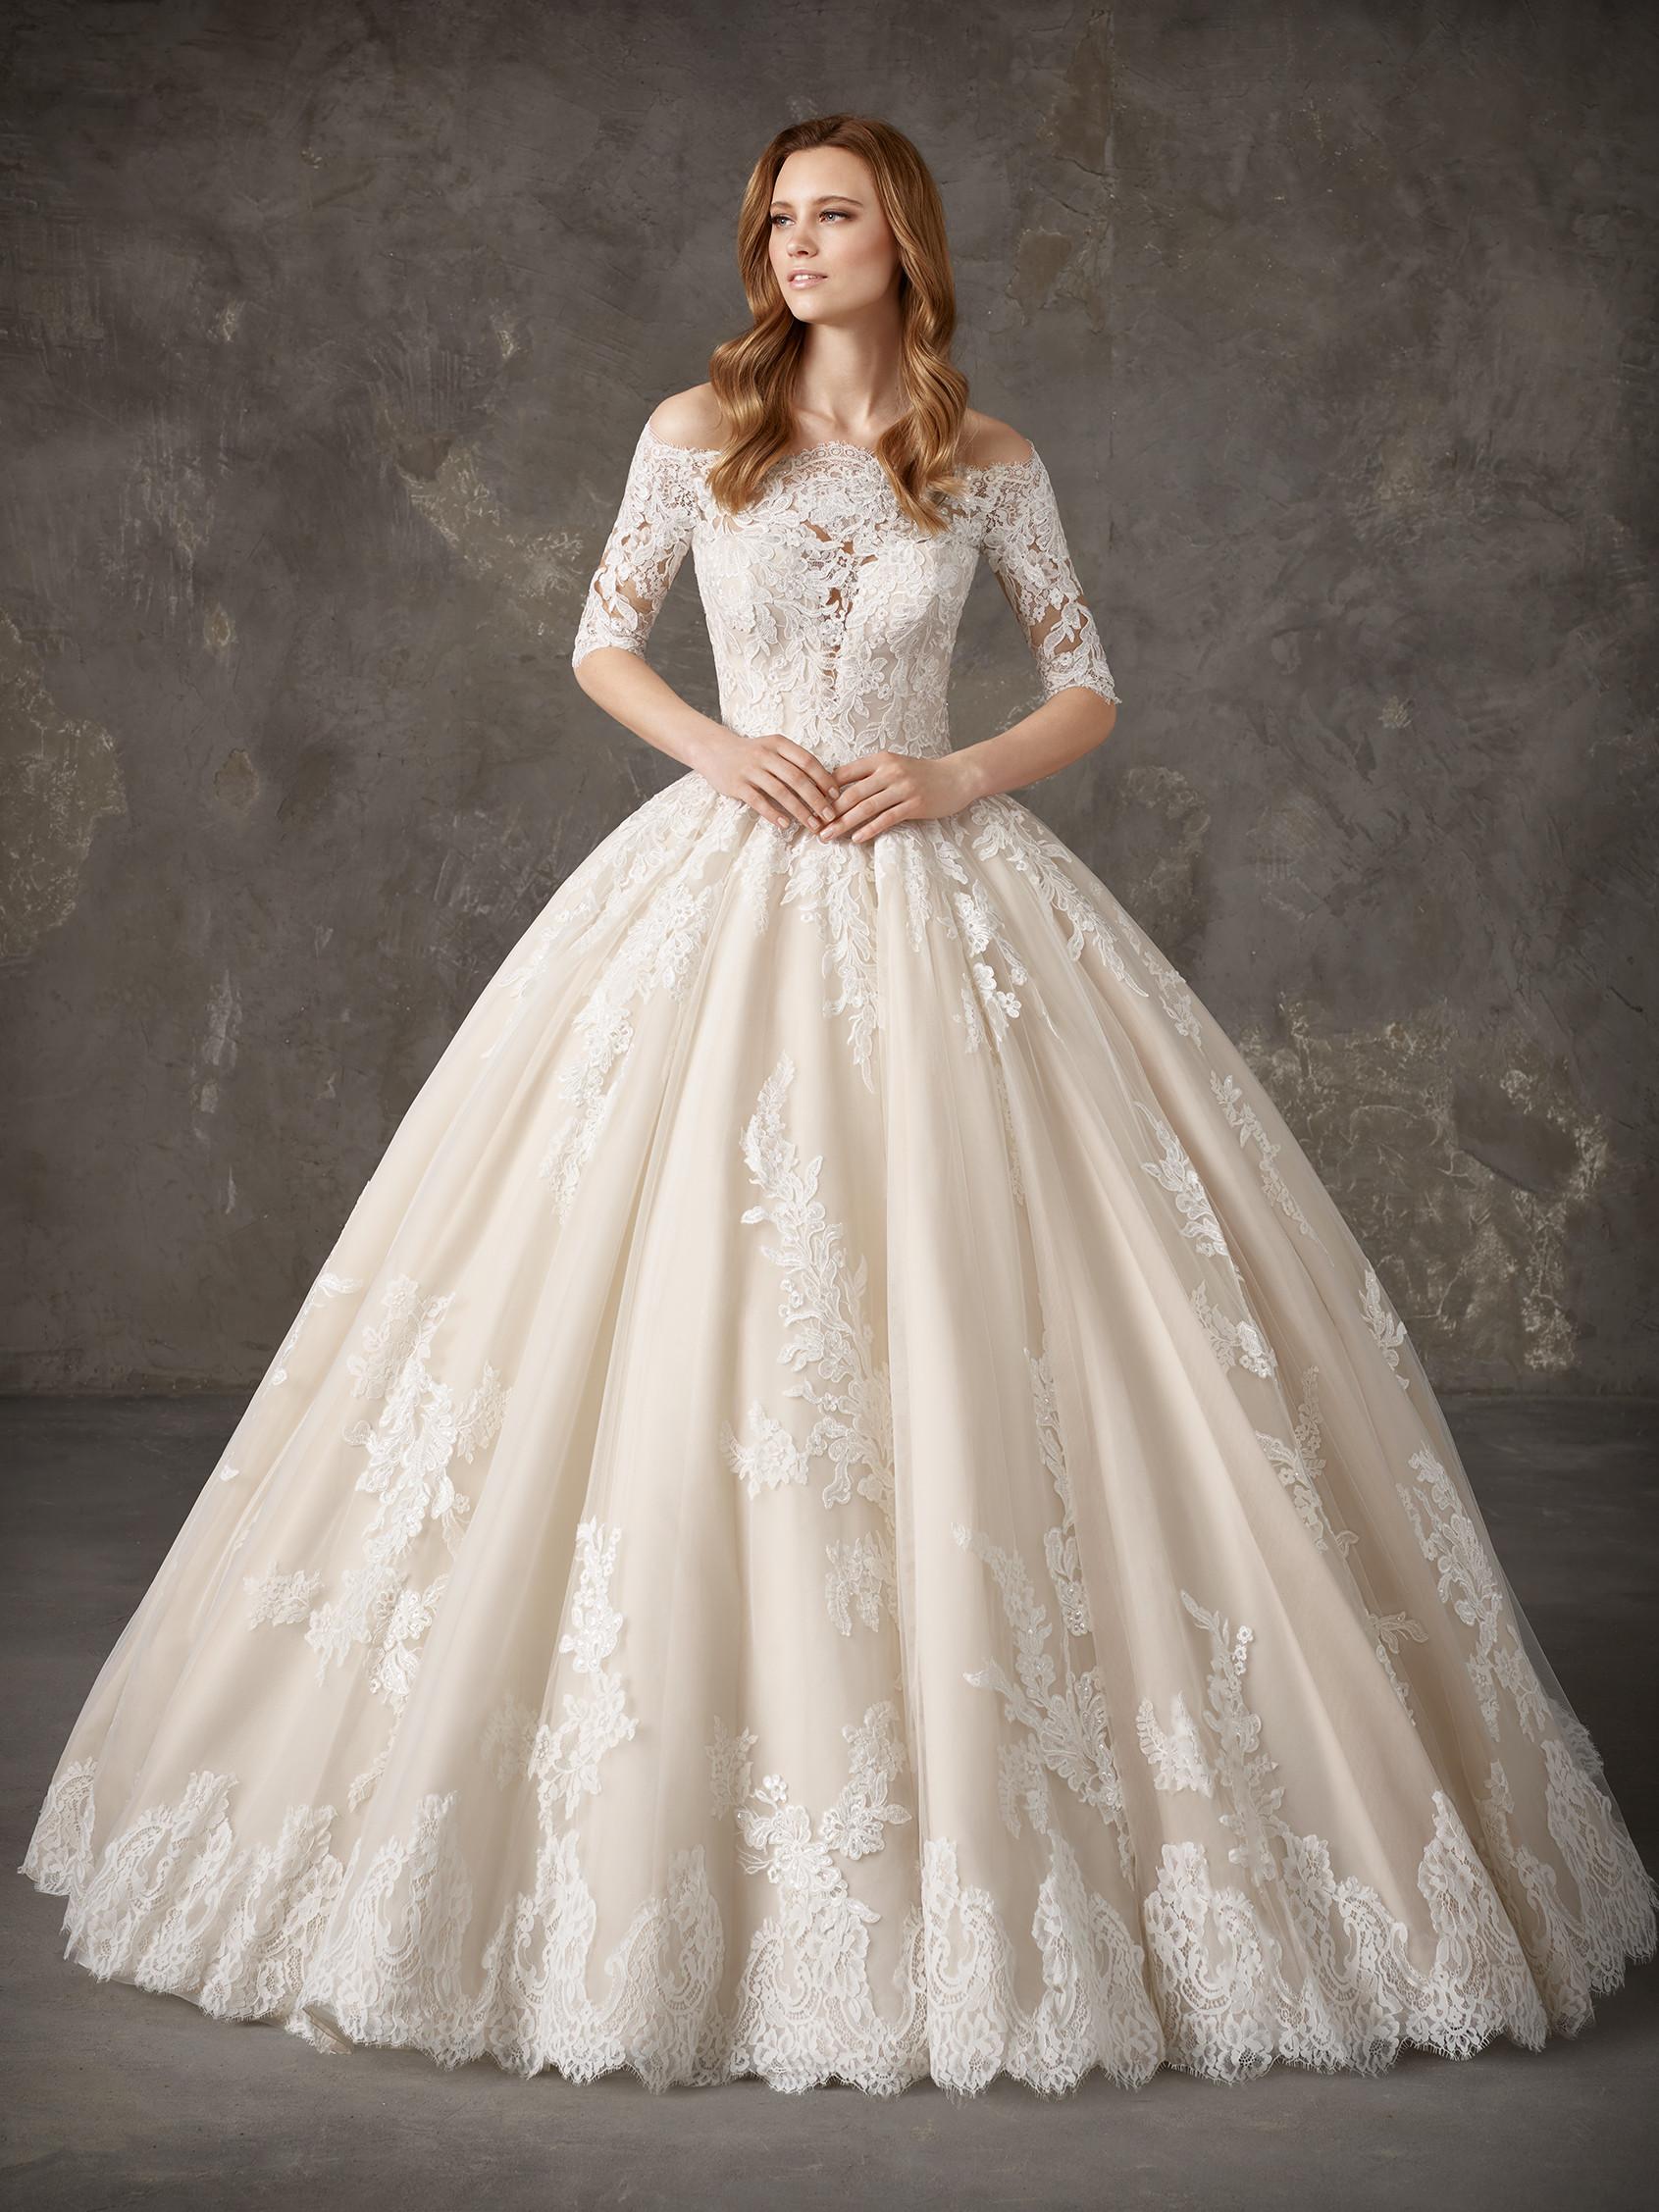 Que significa el vestido blanco de novia